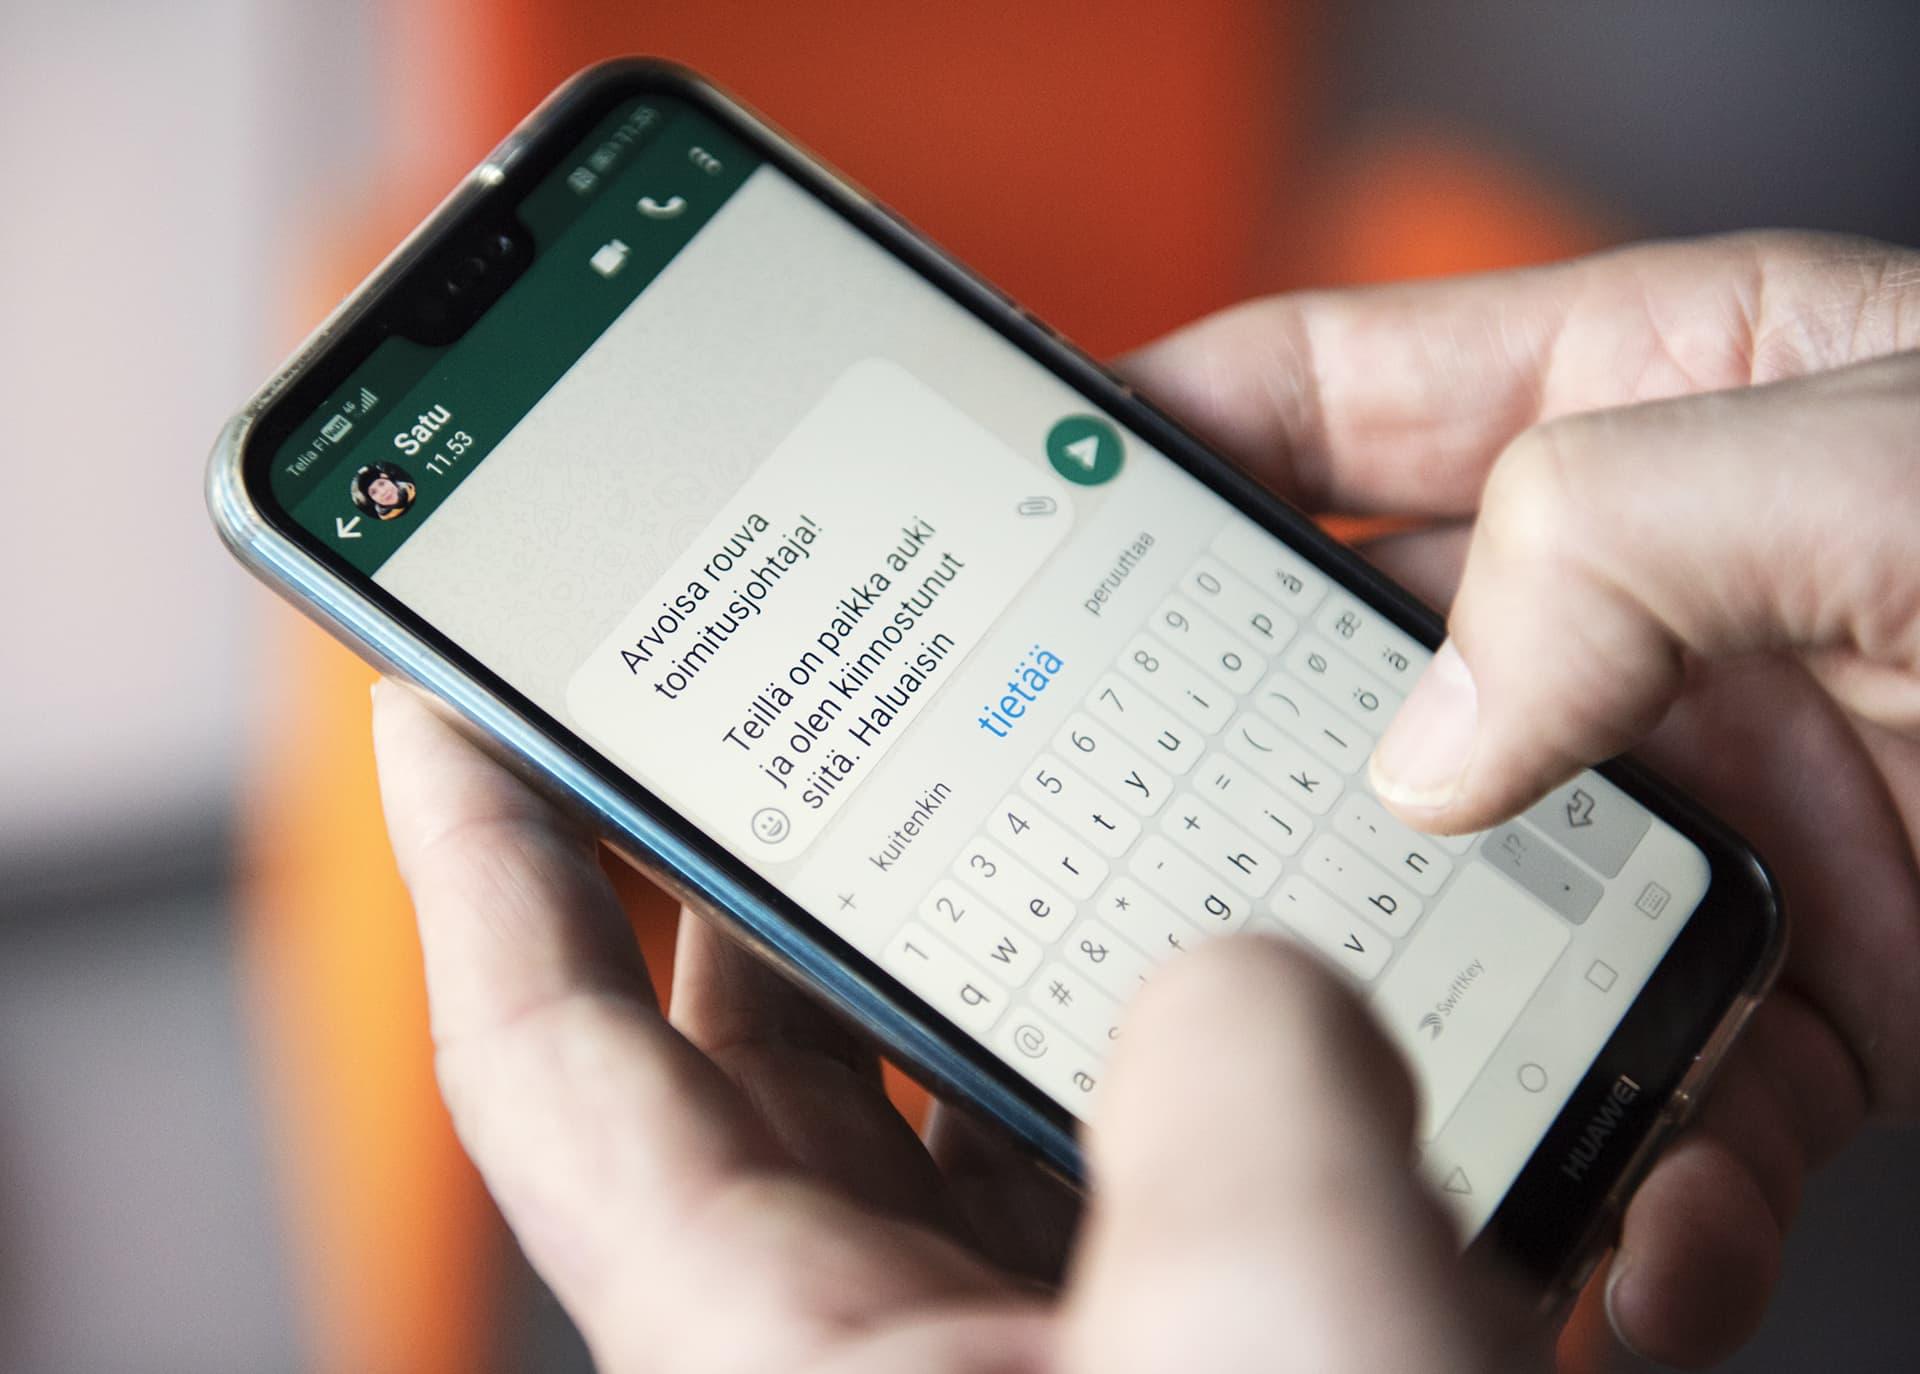 mies näpyttelee tekstiä älypuhelimella